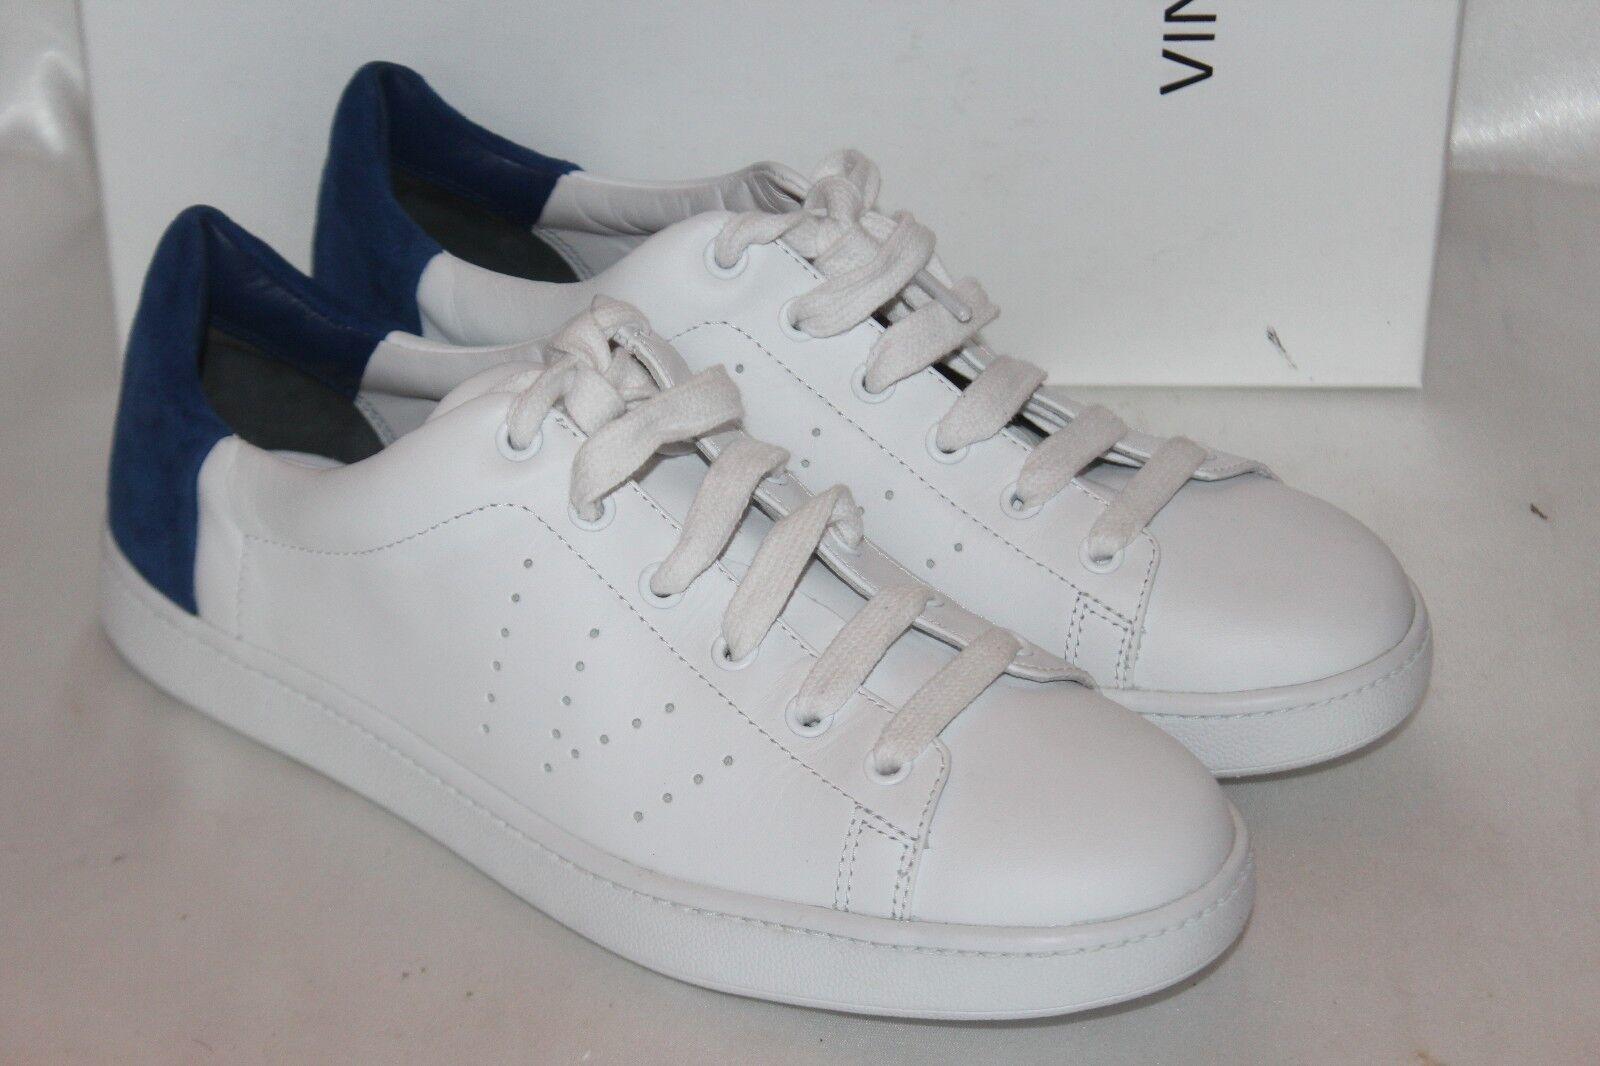 nuevo   nuevo En Caja  Vince Yeso Cuero Azul Cobalto Varin zapatilla de deporte Con Cordones 7.5 9.5